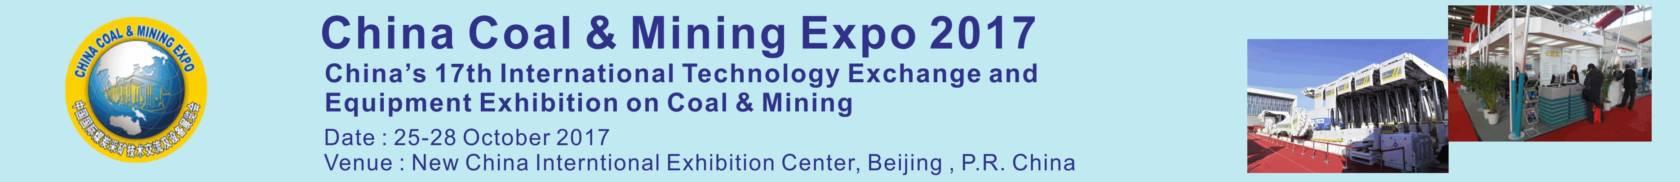 China Coal & Mining Expo 2017